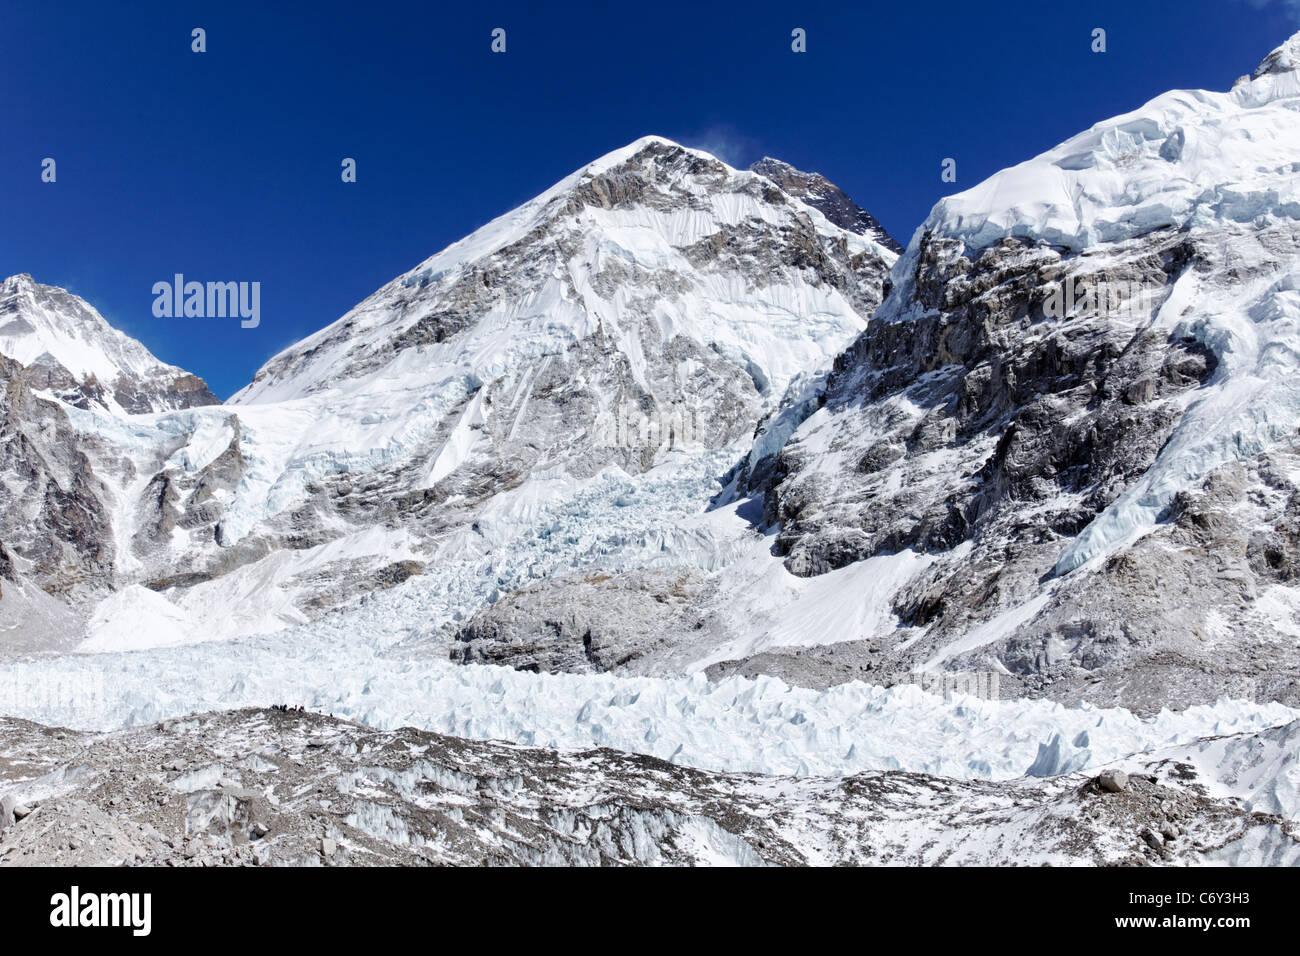 Vista de el campamento base del Everest y el glaciar de Khumbu, Everest región Nepal Imagen De Stock